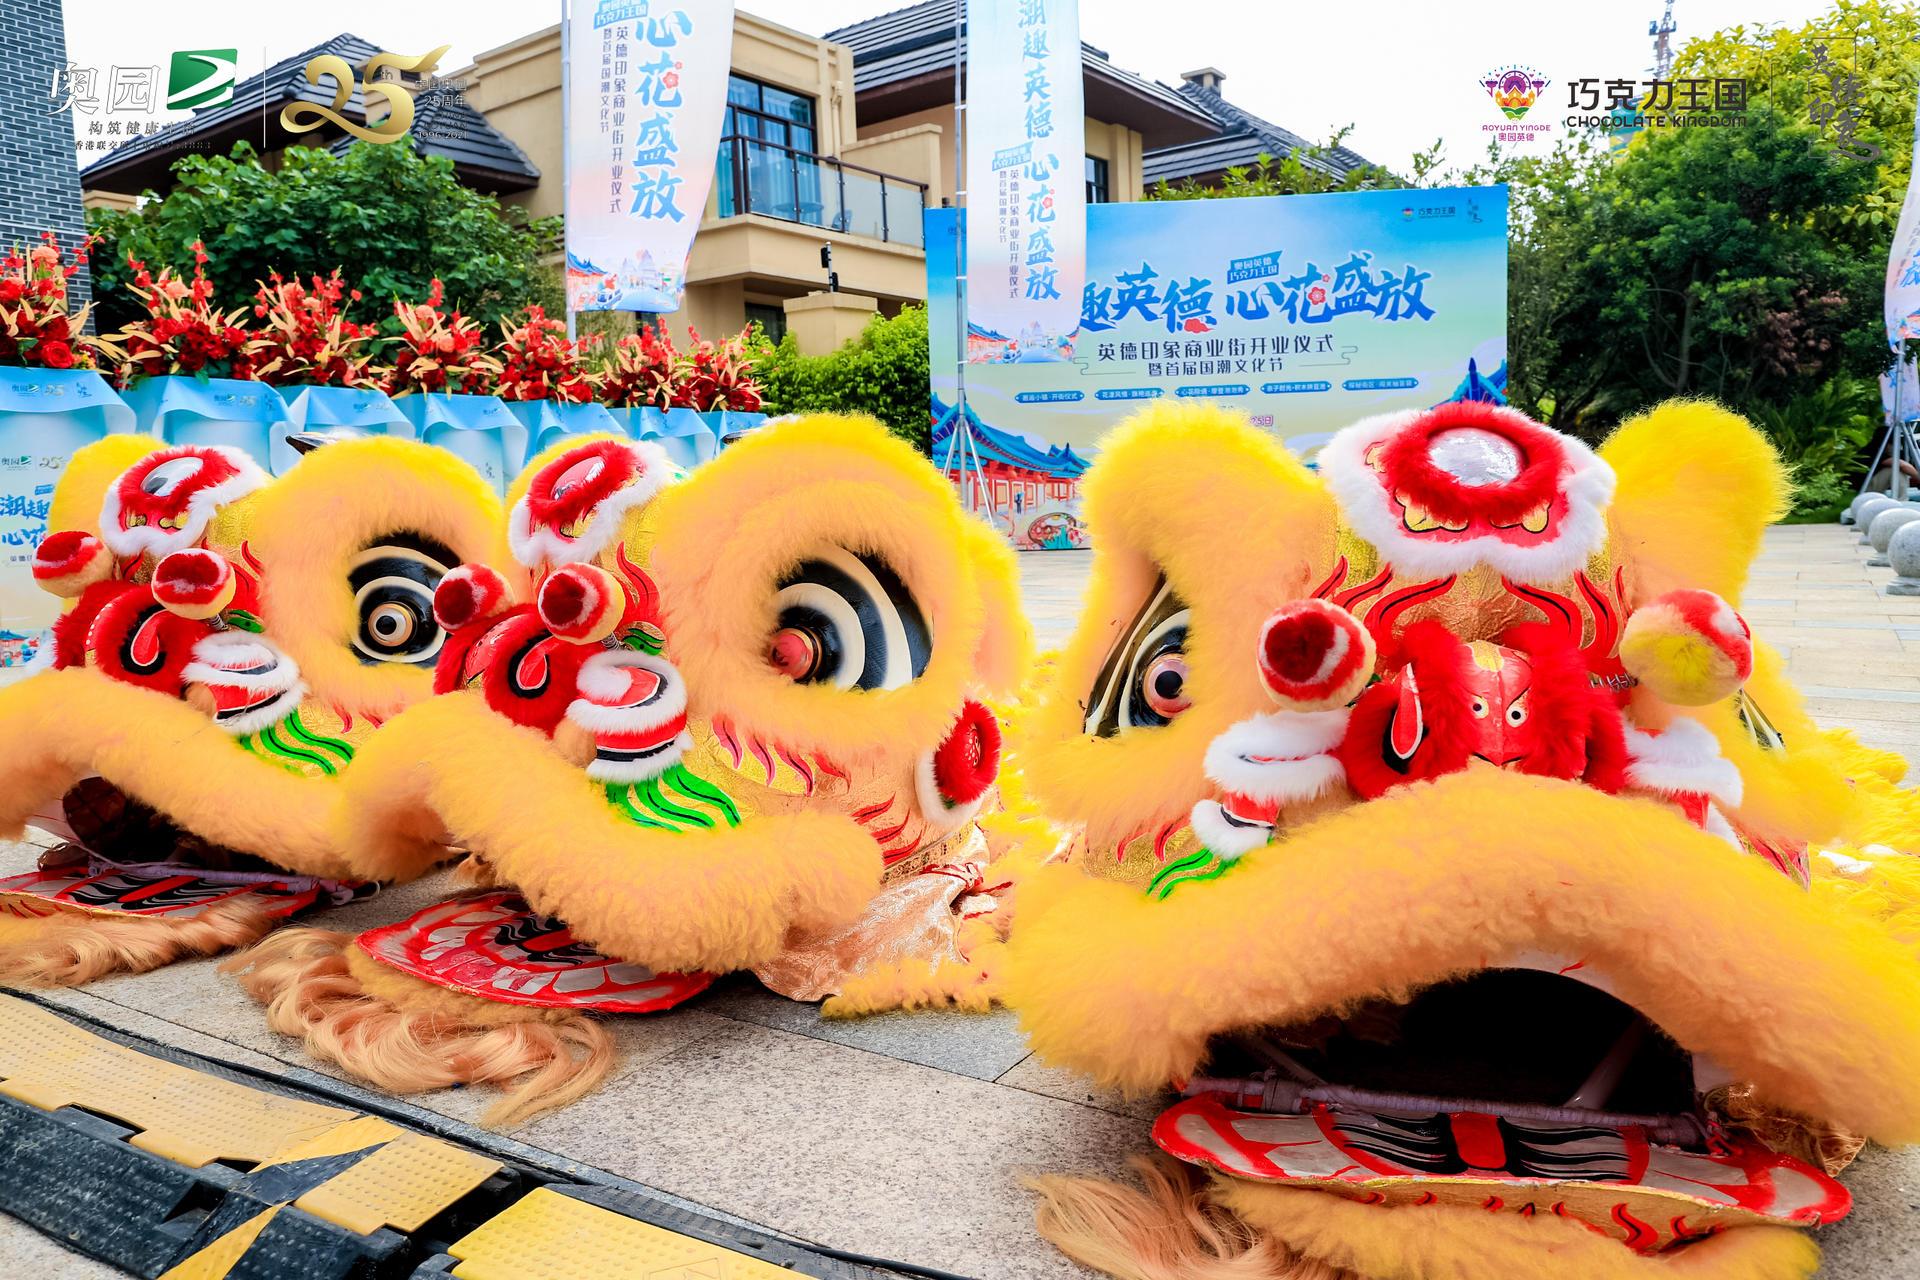 商业街开业仪式暨首届国潮文化节活动策划震撼来袭,热闹非凡